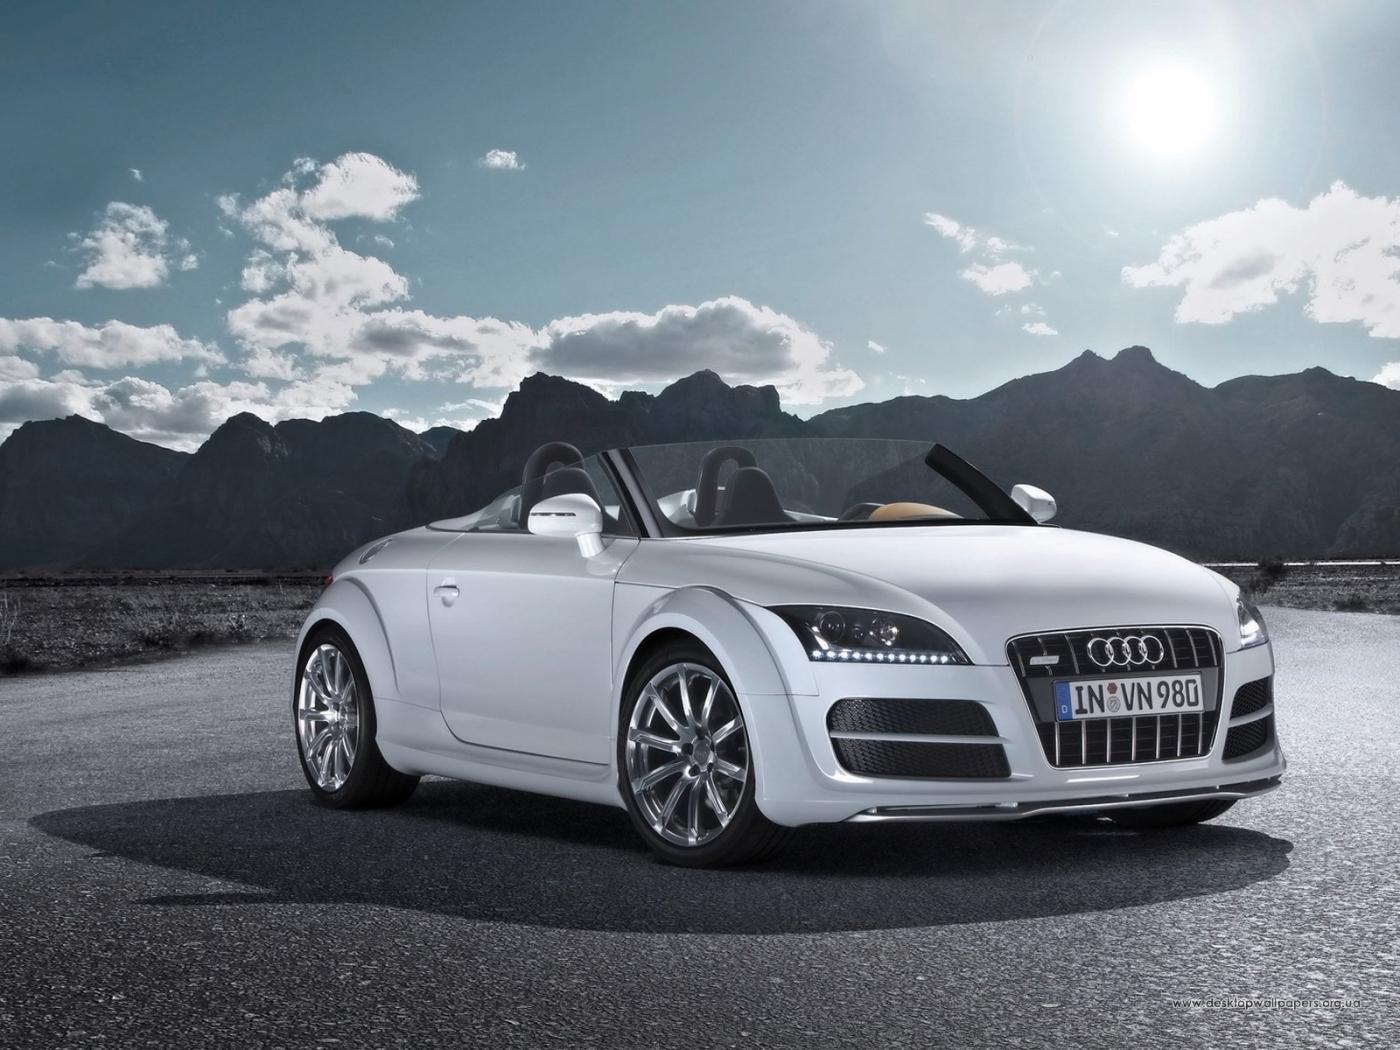 42944 télécharger le fond d'écran Transports, Voitures, Audi - économiseurs d'écran et images gratuitement